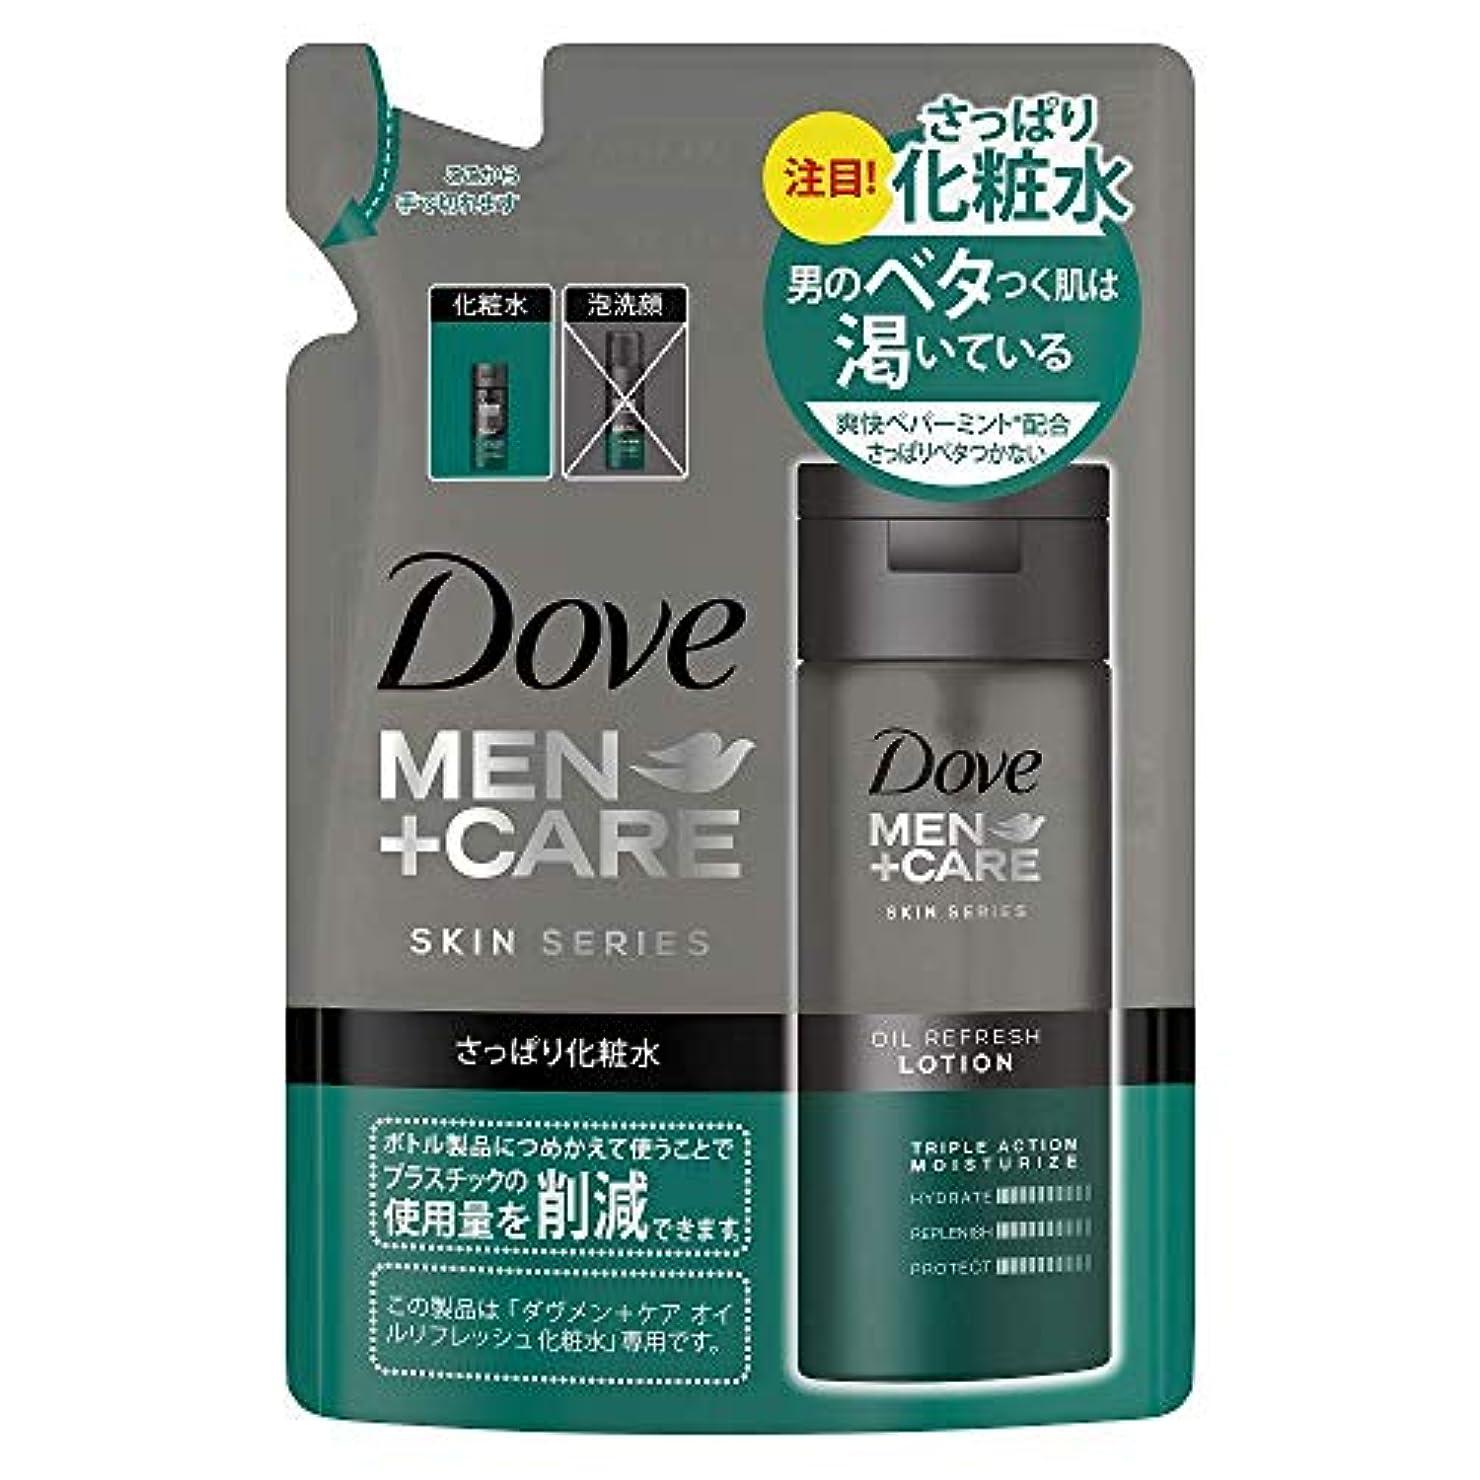 そして契約ばかげているダヴメン+ケア オイルリフレッシュ 化粧水 つめかえ用130ml×6点